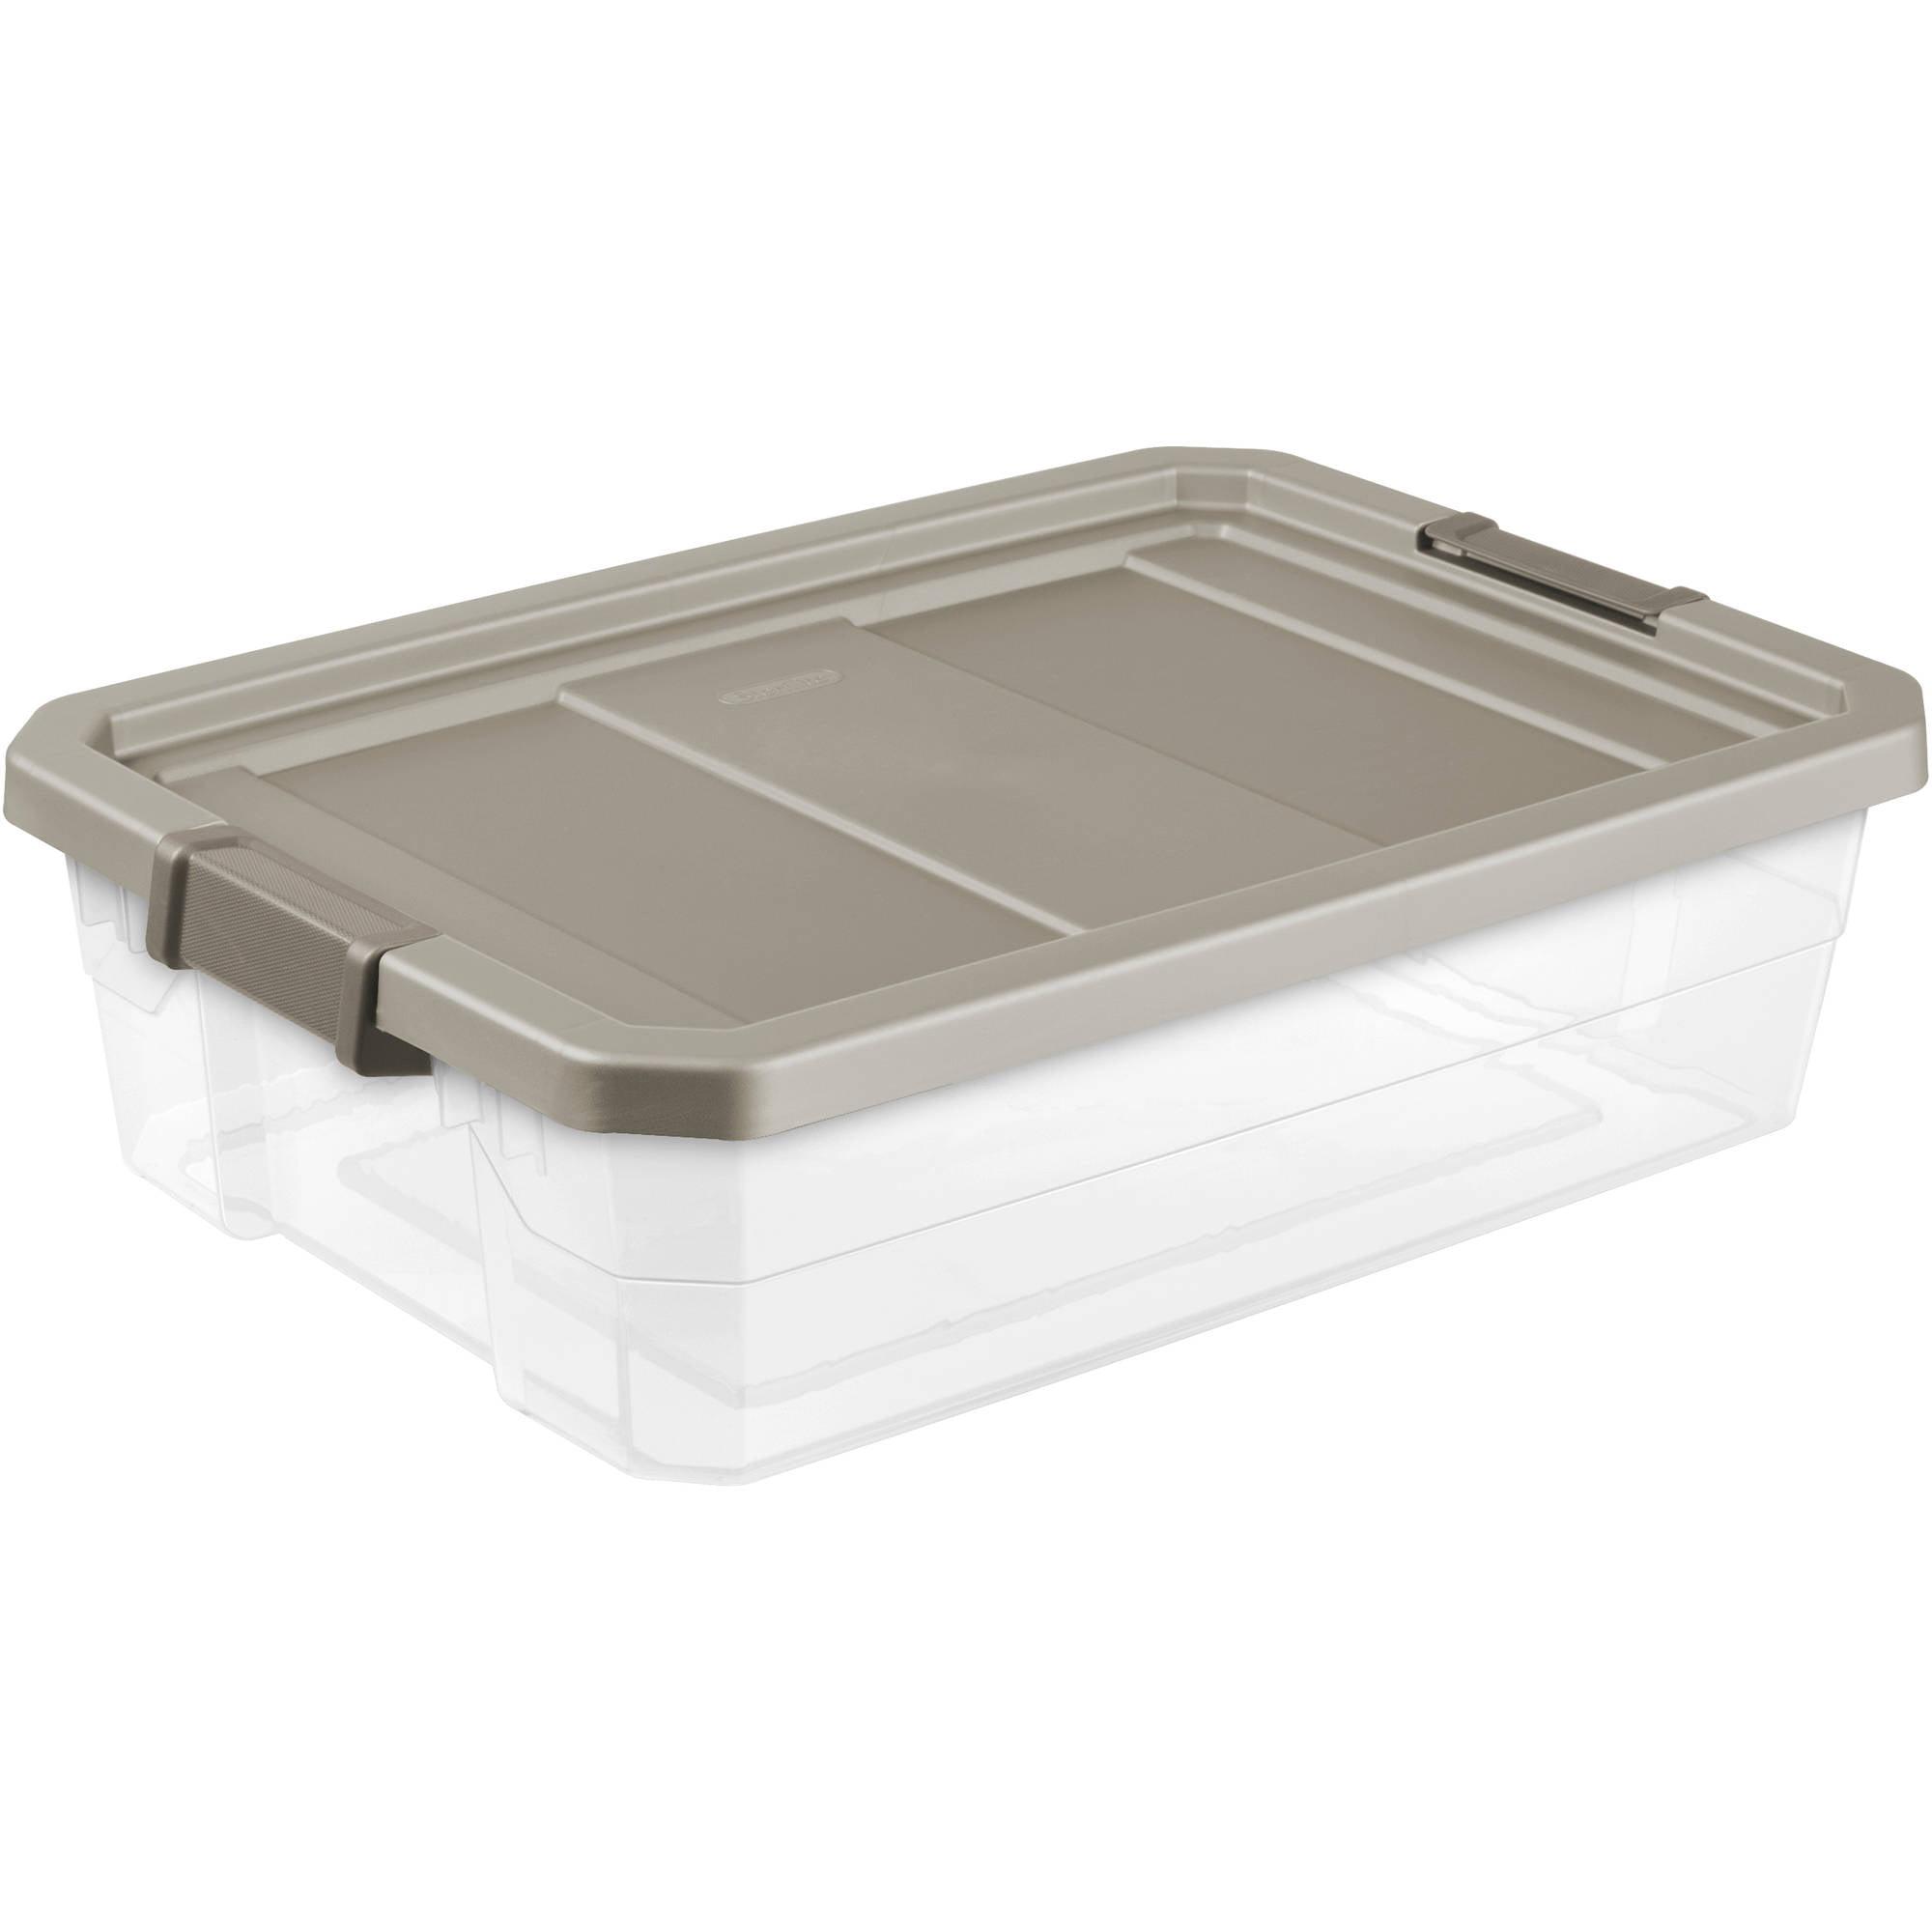 Sterilite 10 Gallon Stacker Box- Mica